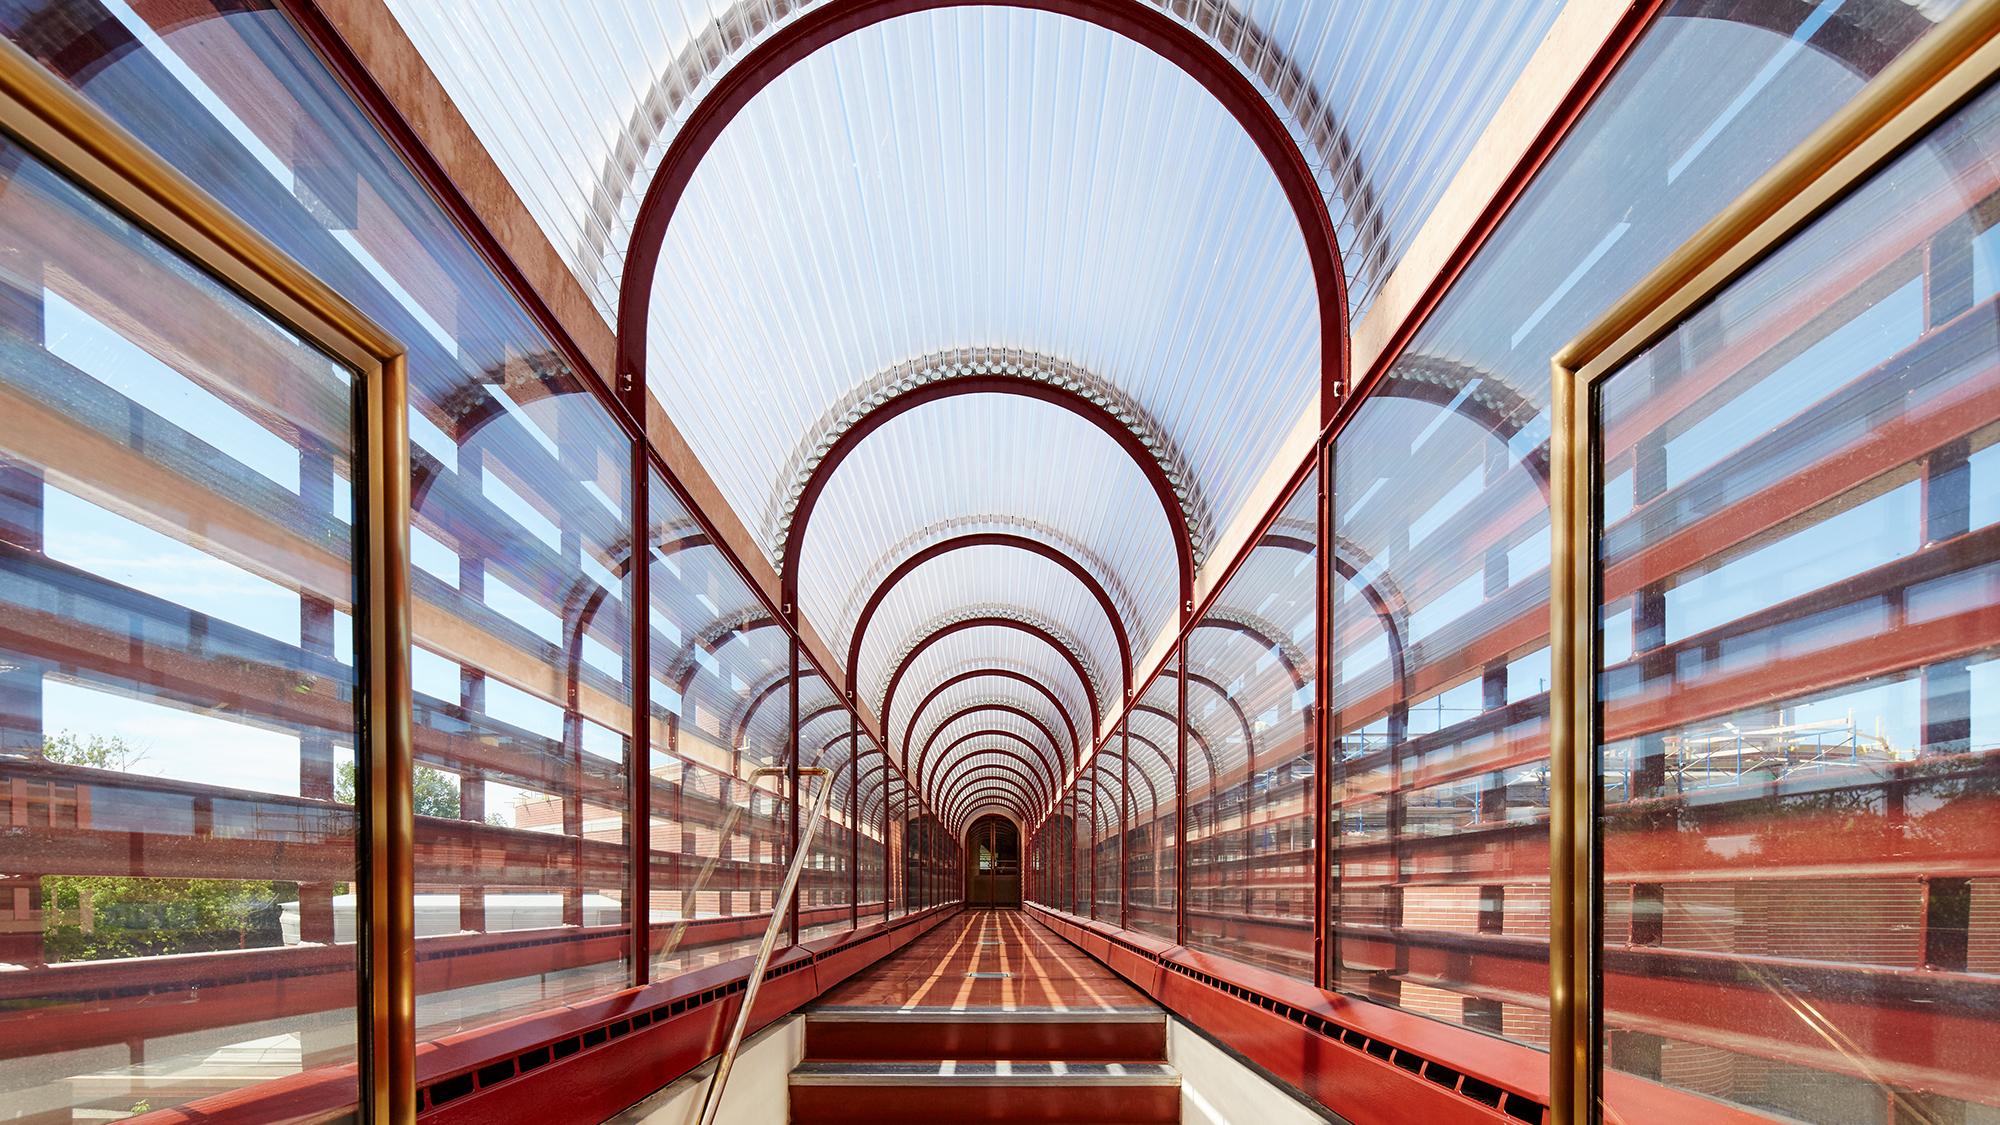 Frank Lloyd Wright architectuur